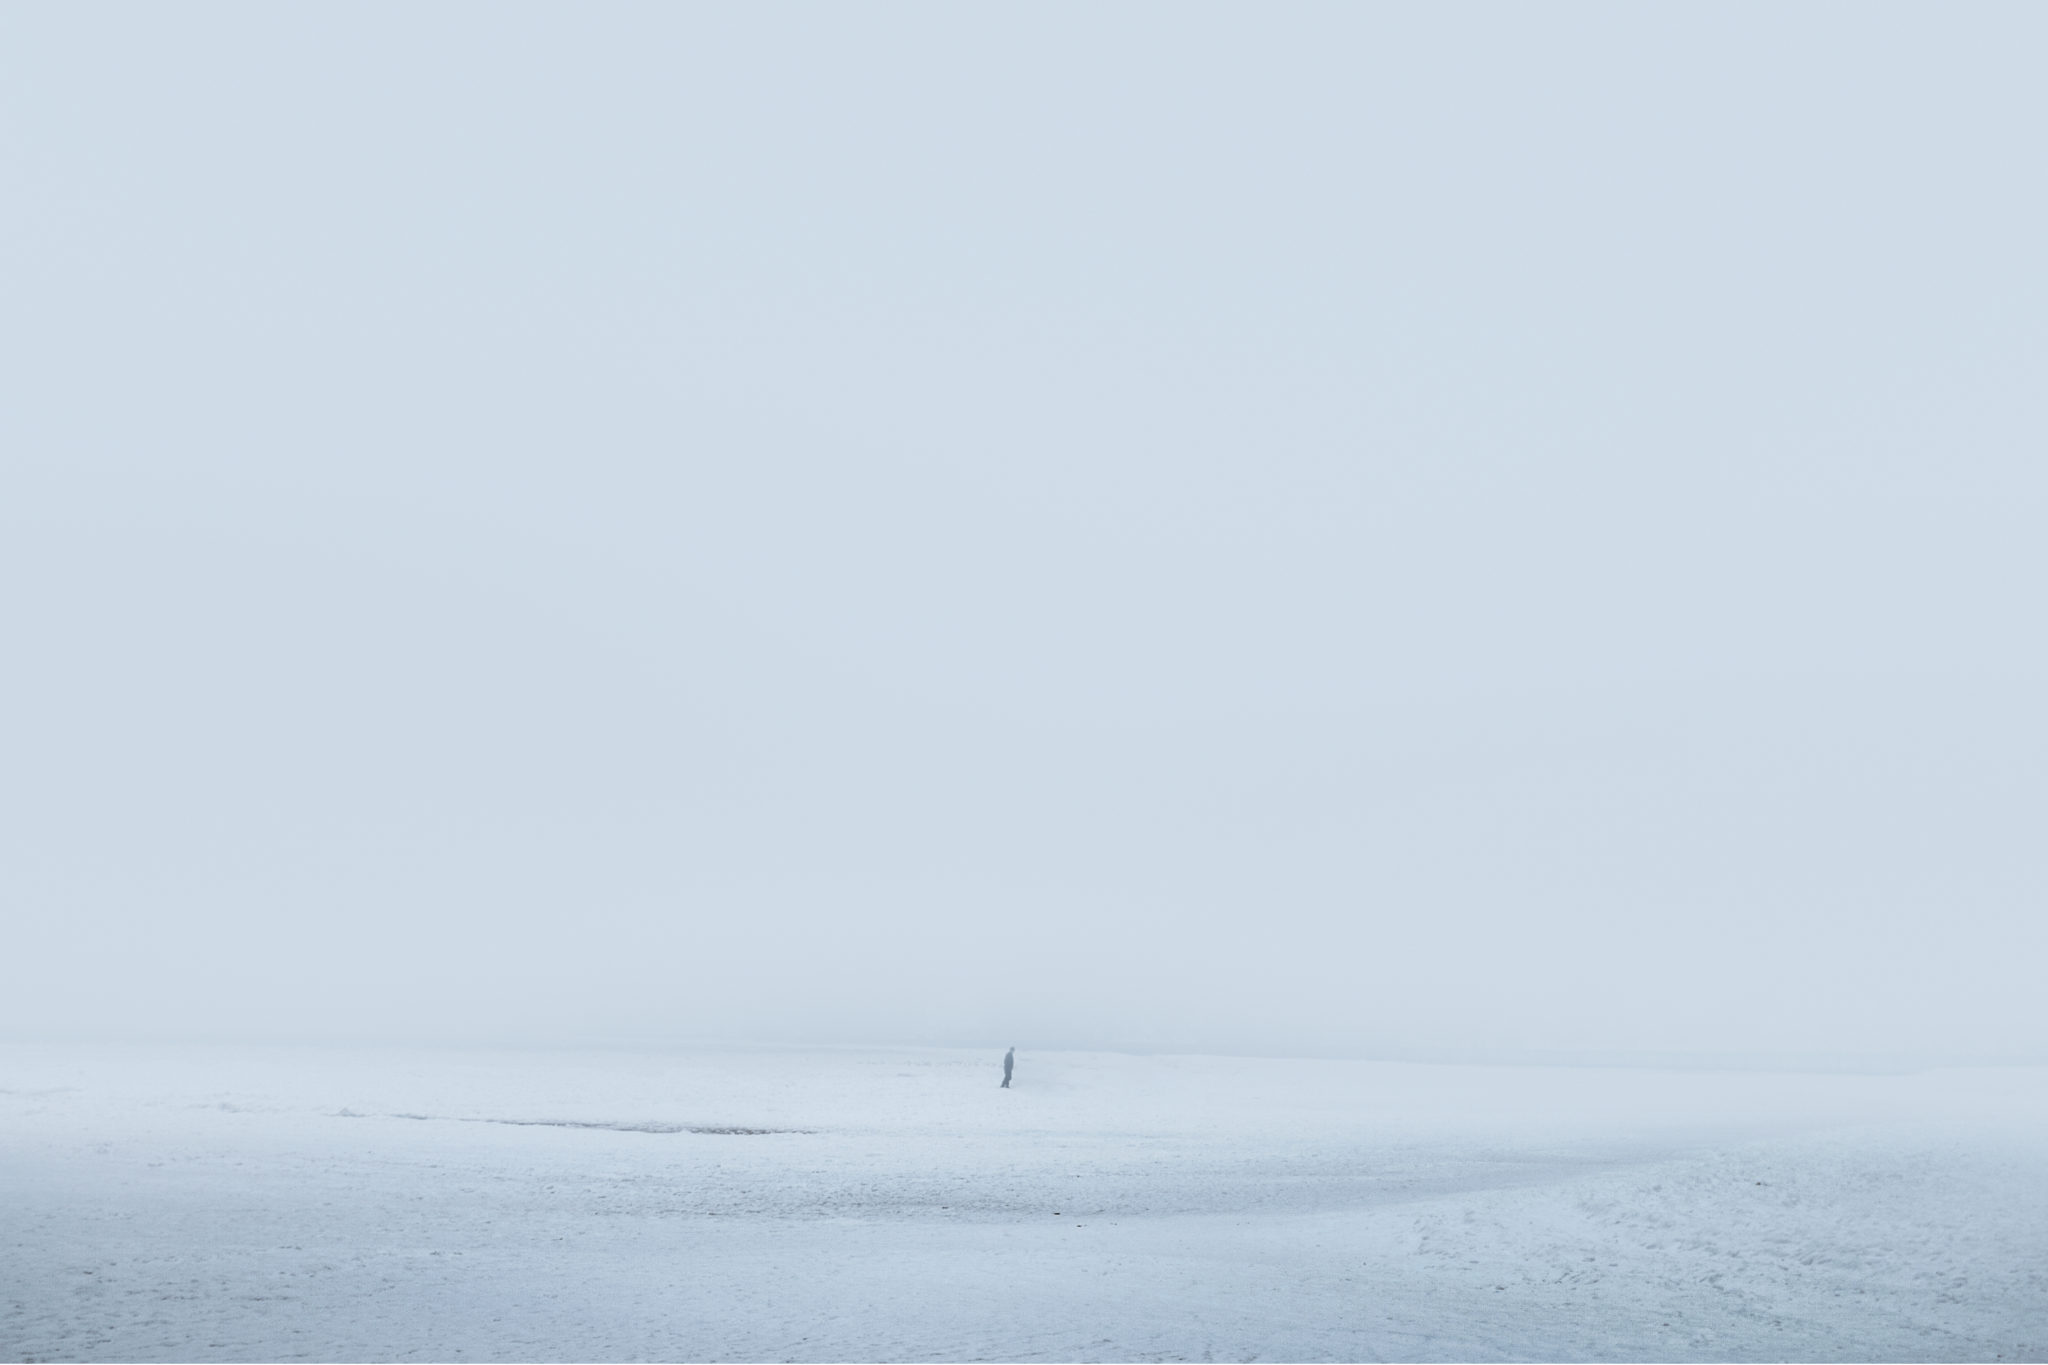 Na zdjeciu widzimy biala od sniegu zamglana plaze w oddali widac zarys postaci czlowieka